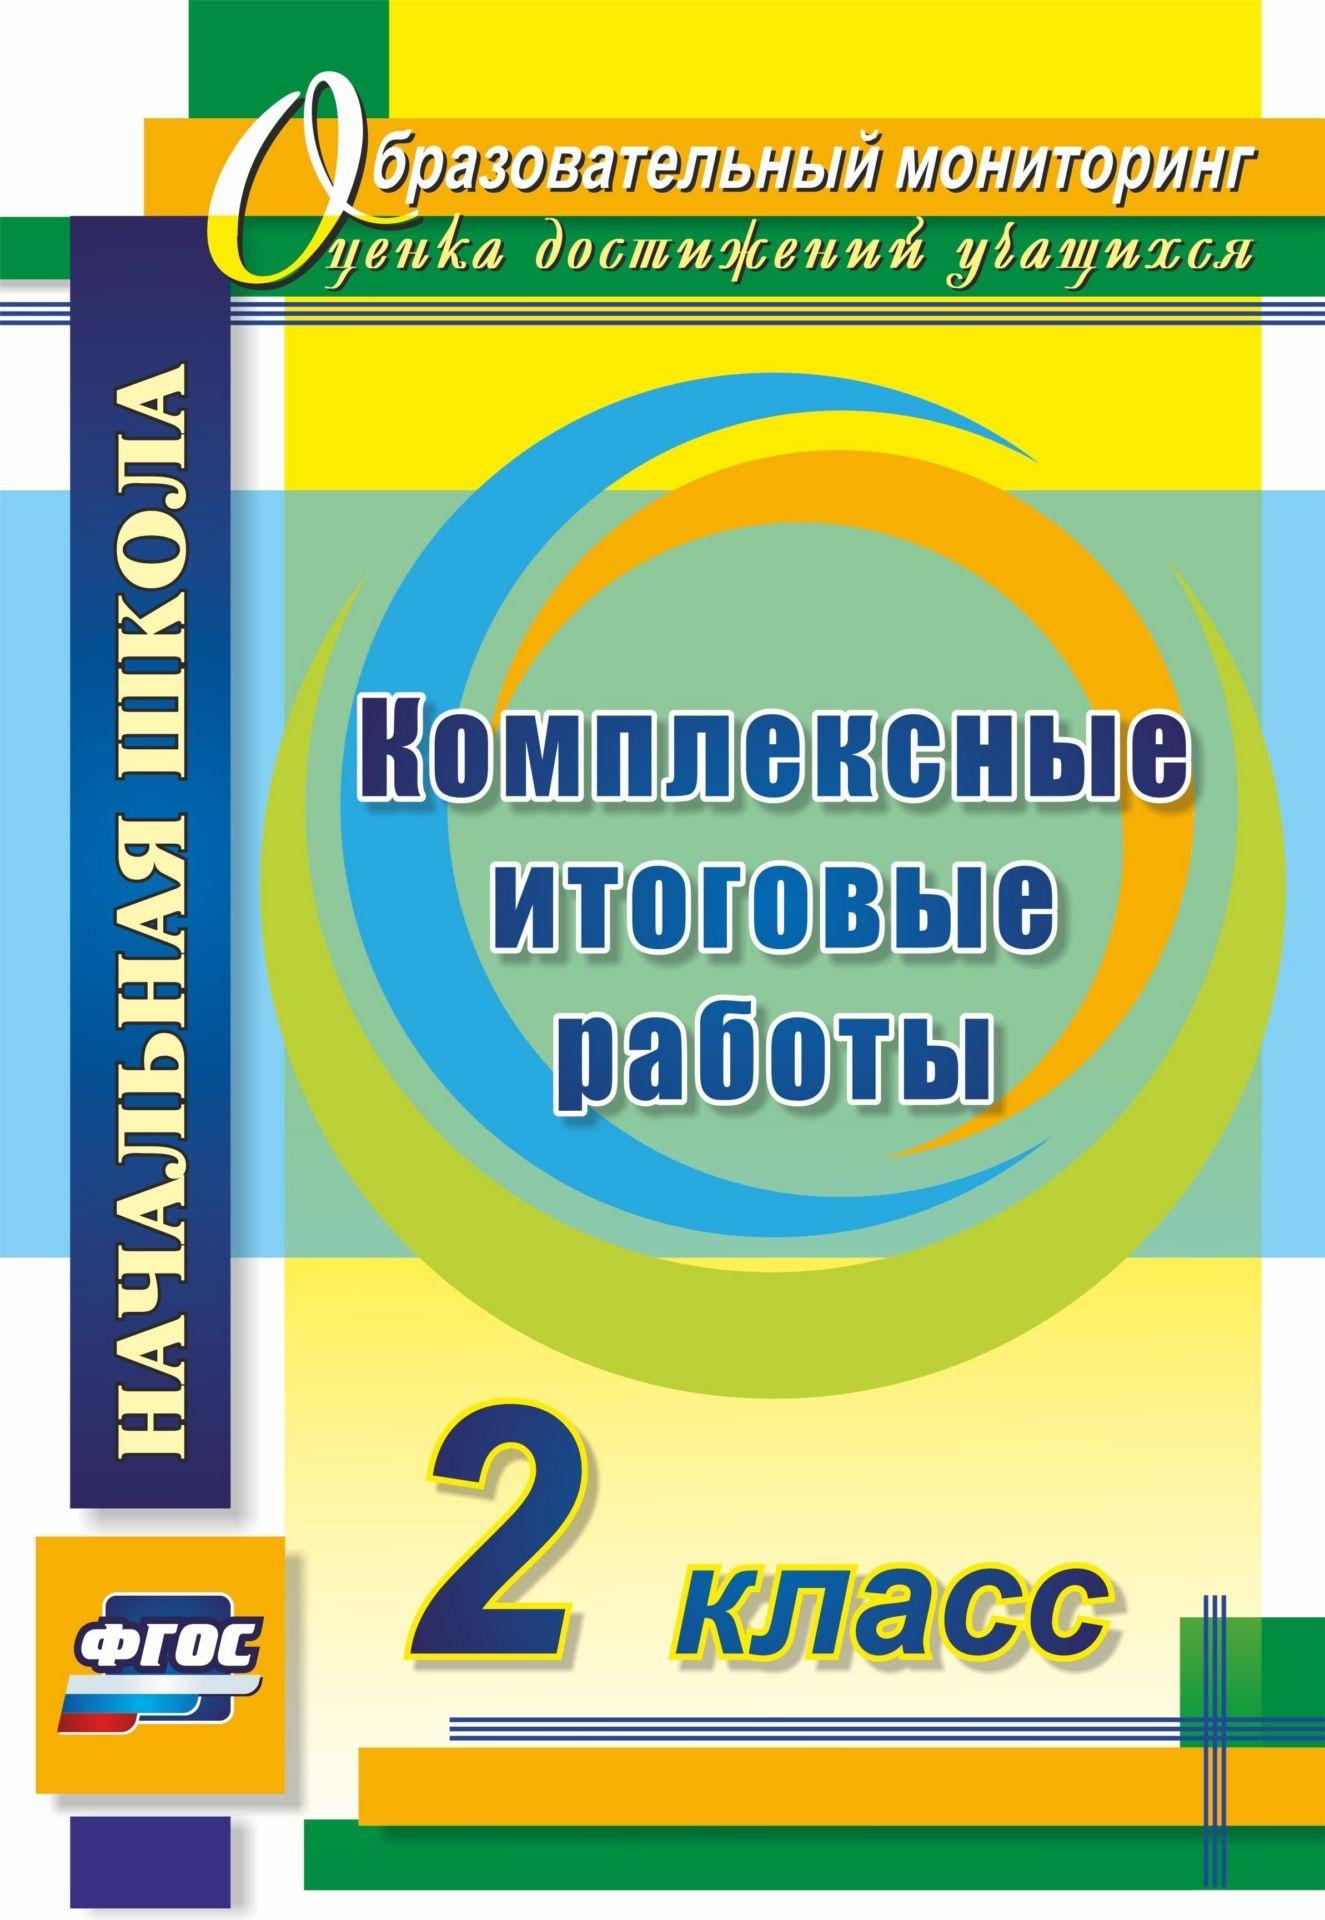 Е. А. Болотова, Т. А. Воронцова Комплексные итоговые работы. 2 класс